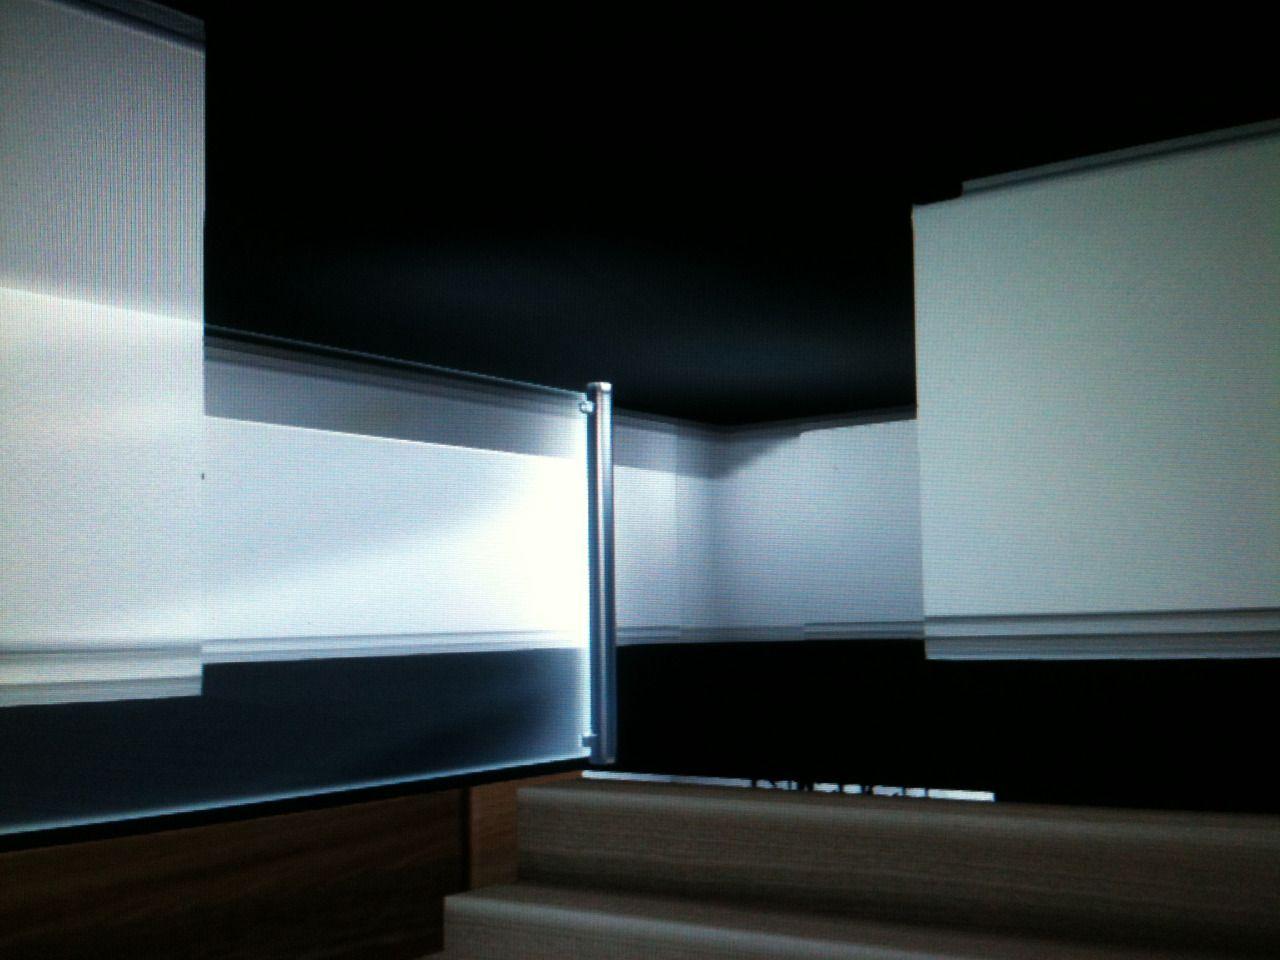 NOTsoBAD   FASHION, FURNITURE, HOUSE U0026 SKYBOX, NOTsoBAD   Moderate (133,